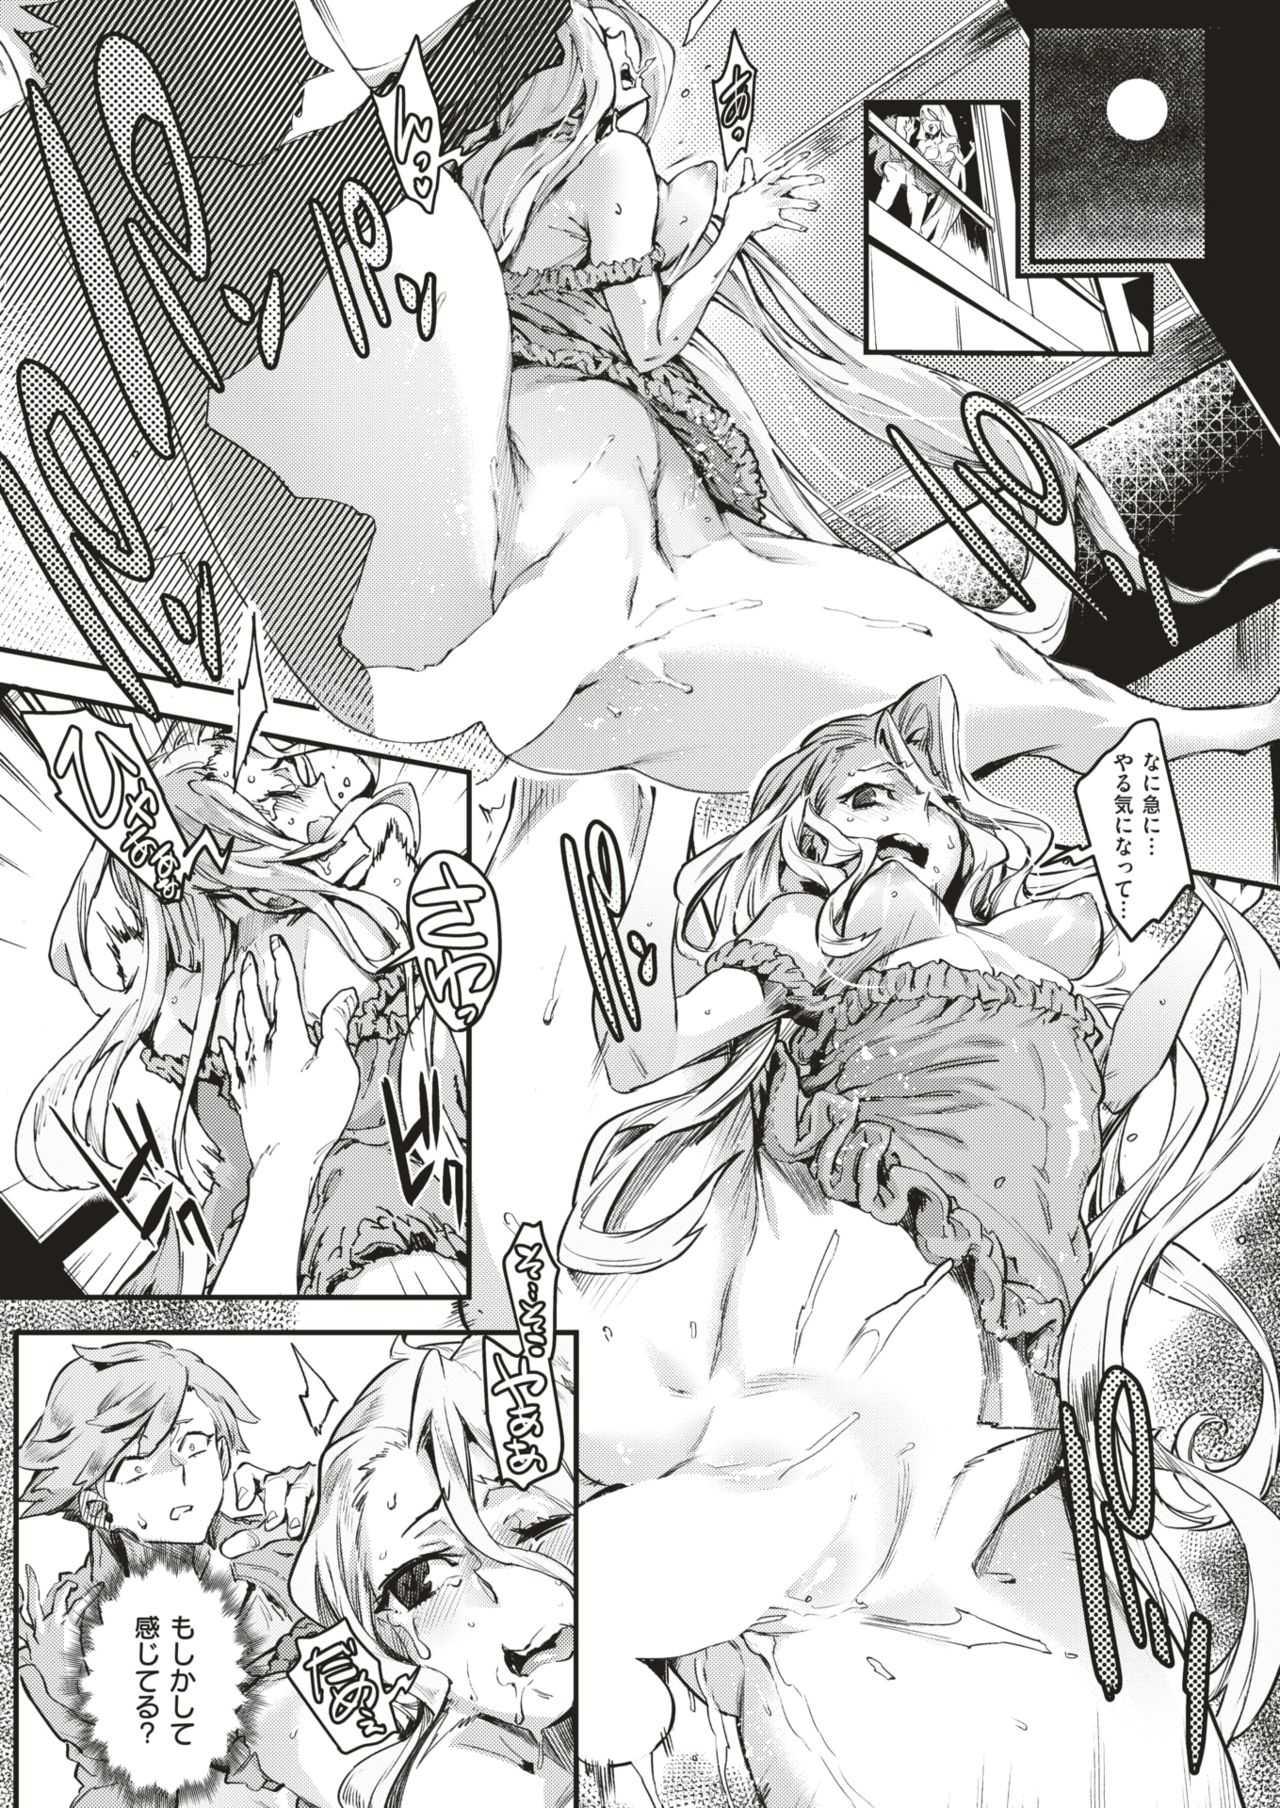 【エロ漫画】デッサン教室に借金のカタに売られた少女たちが支配人の肉便器にwww